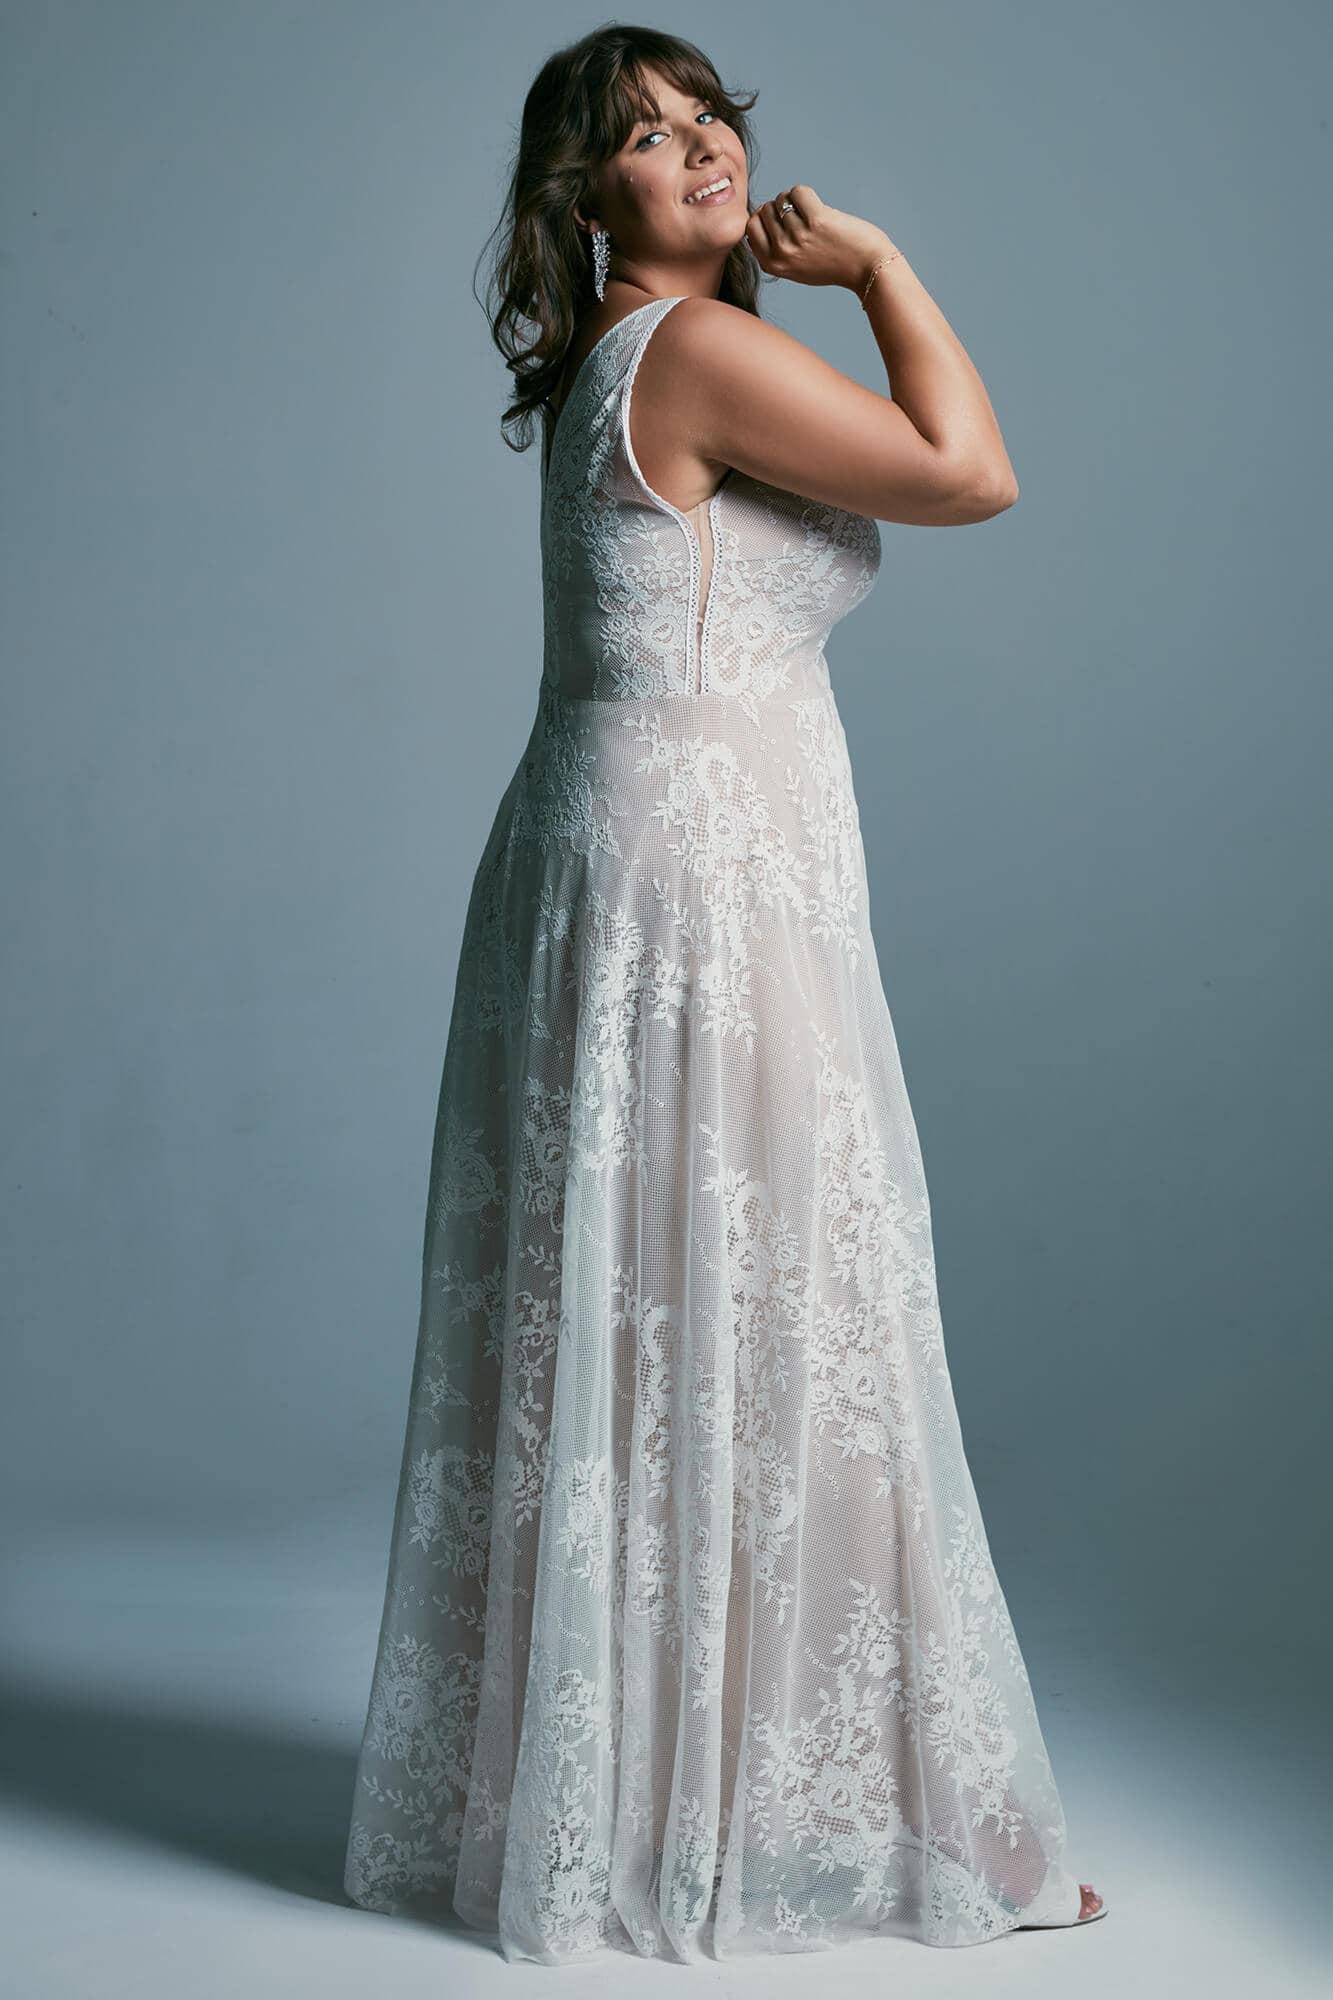 Suknia ślubna plus size z odważnym dekoltem eksponująca biust i plecy Porto 48 plus size